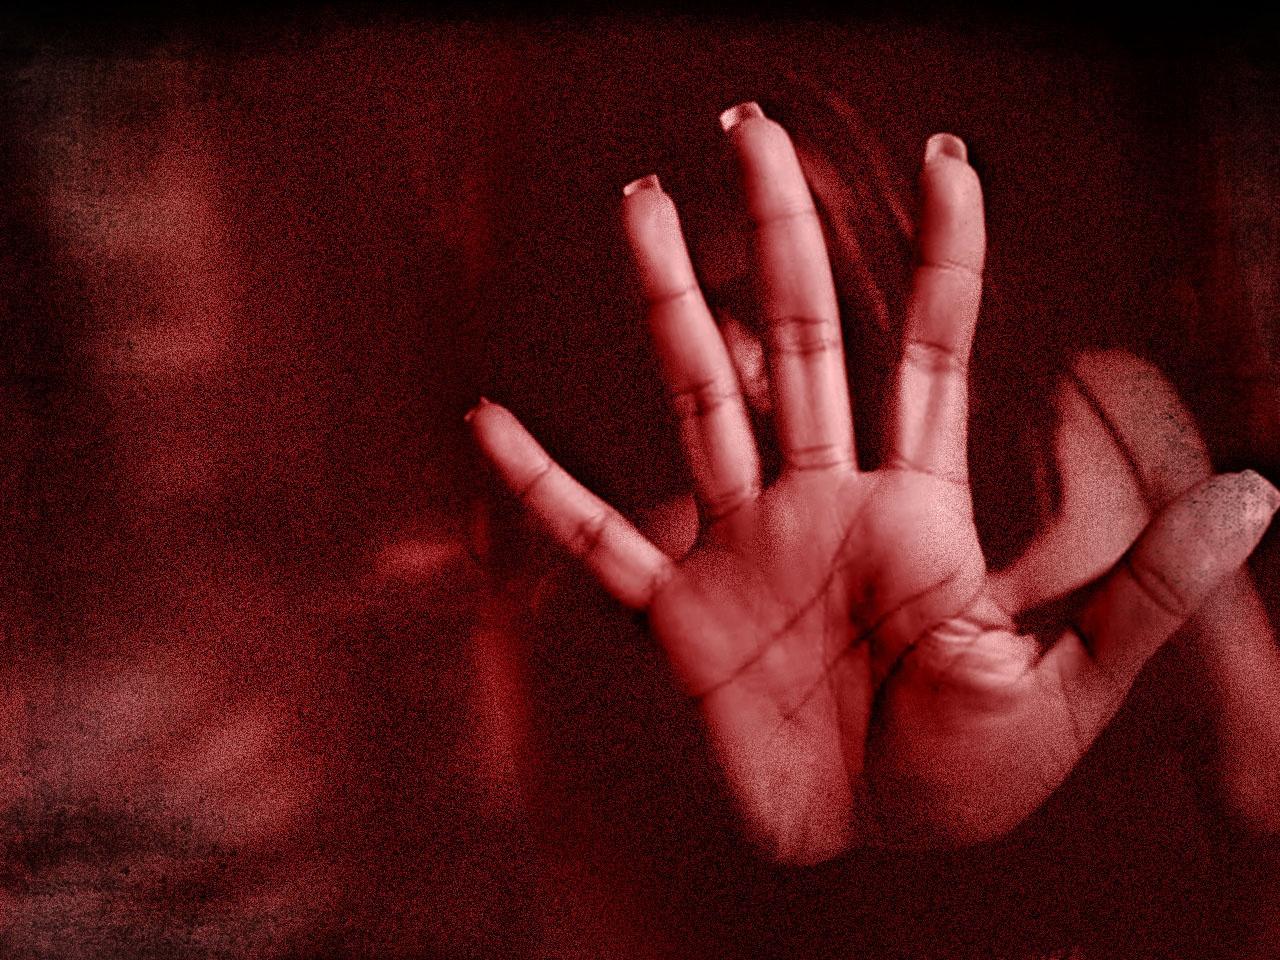 sexual assault___1550179825546.jpg.jpg